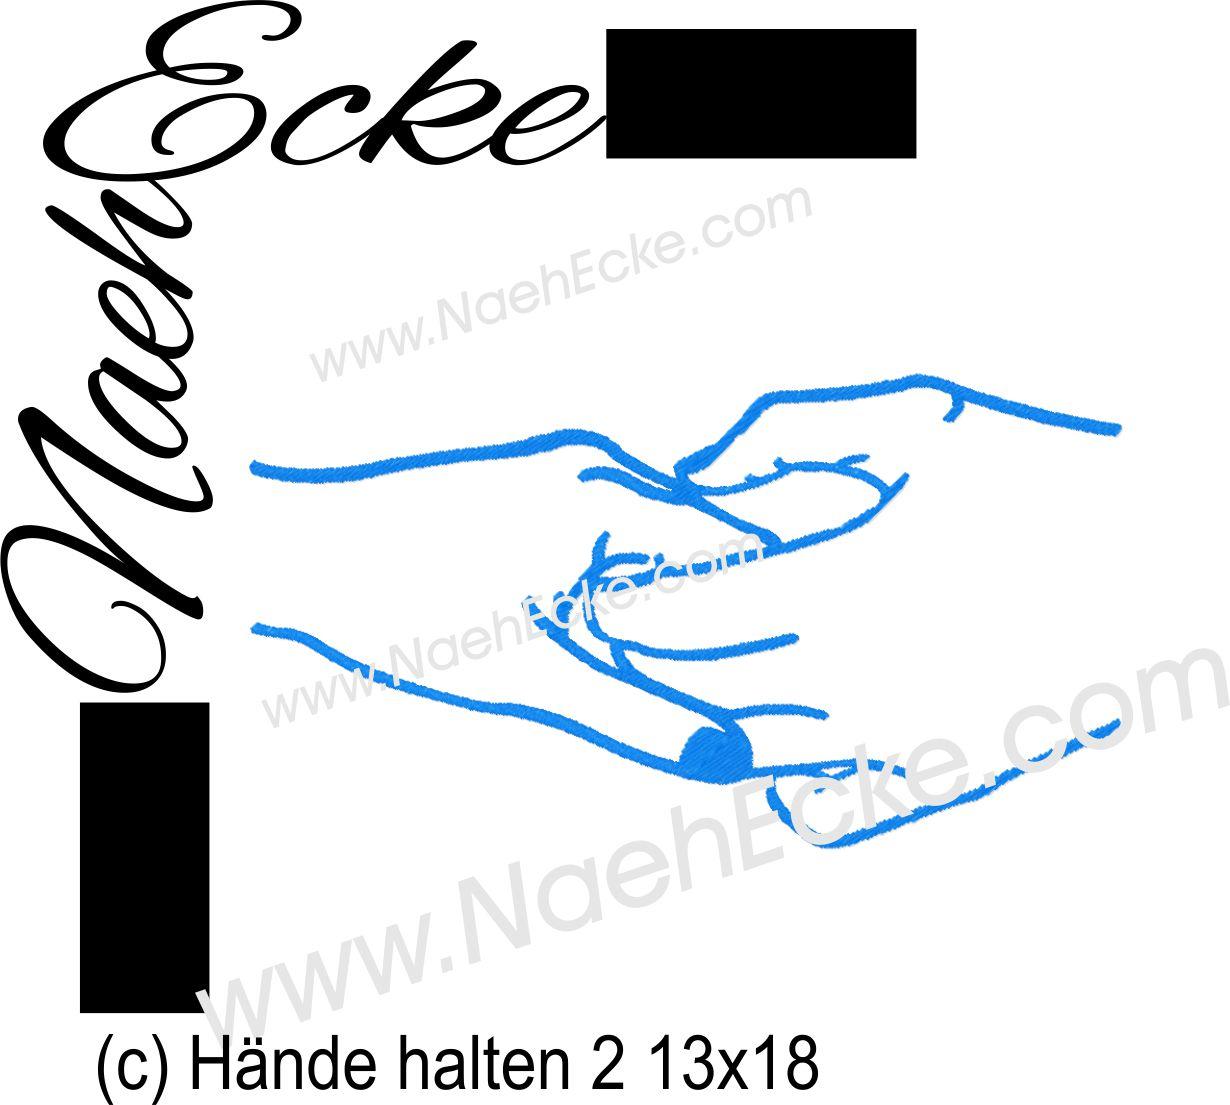 Hände halten 2